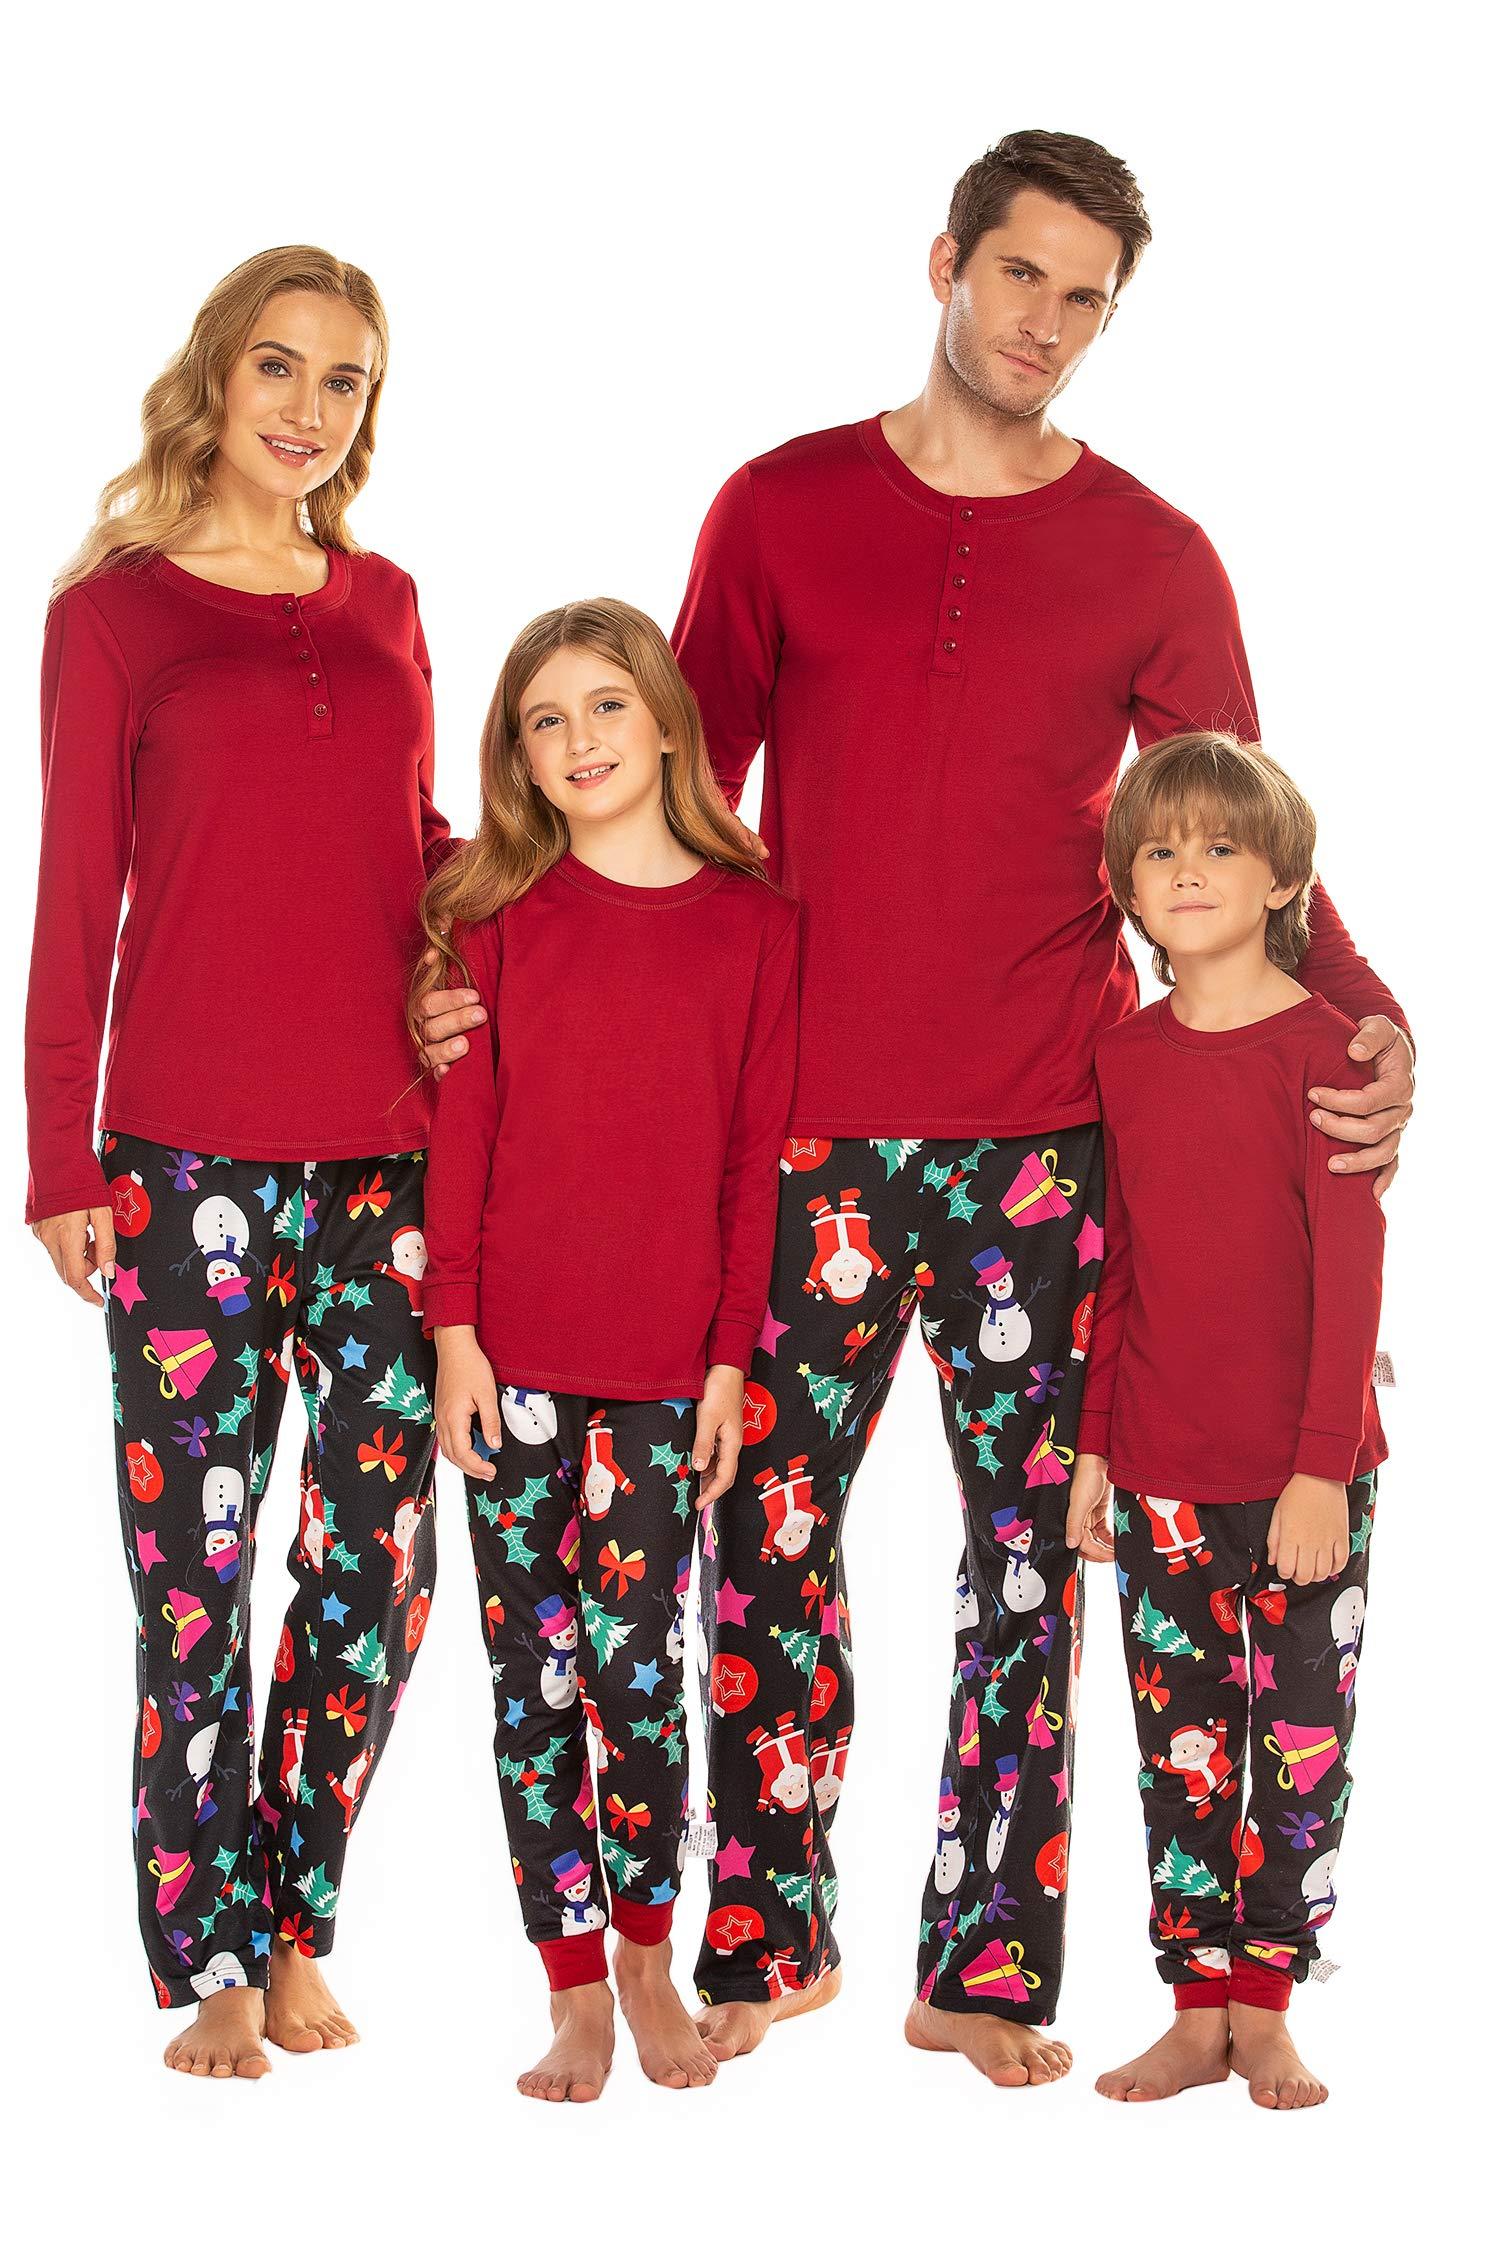 Balancora Pyjama Femme Homme Noël Coton Ensemble de Pyjama Vêtement de Nuite à Manches Longue avec Pantalon Longue S-XXL